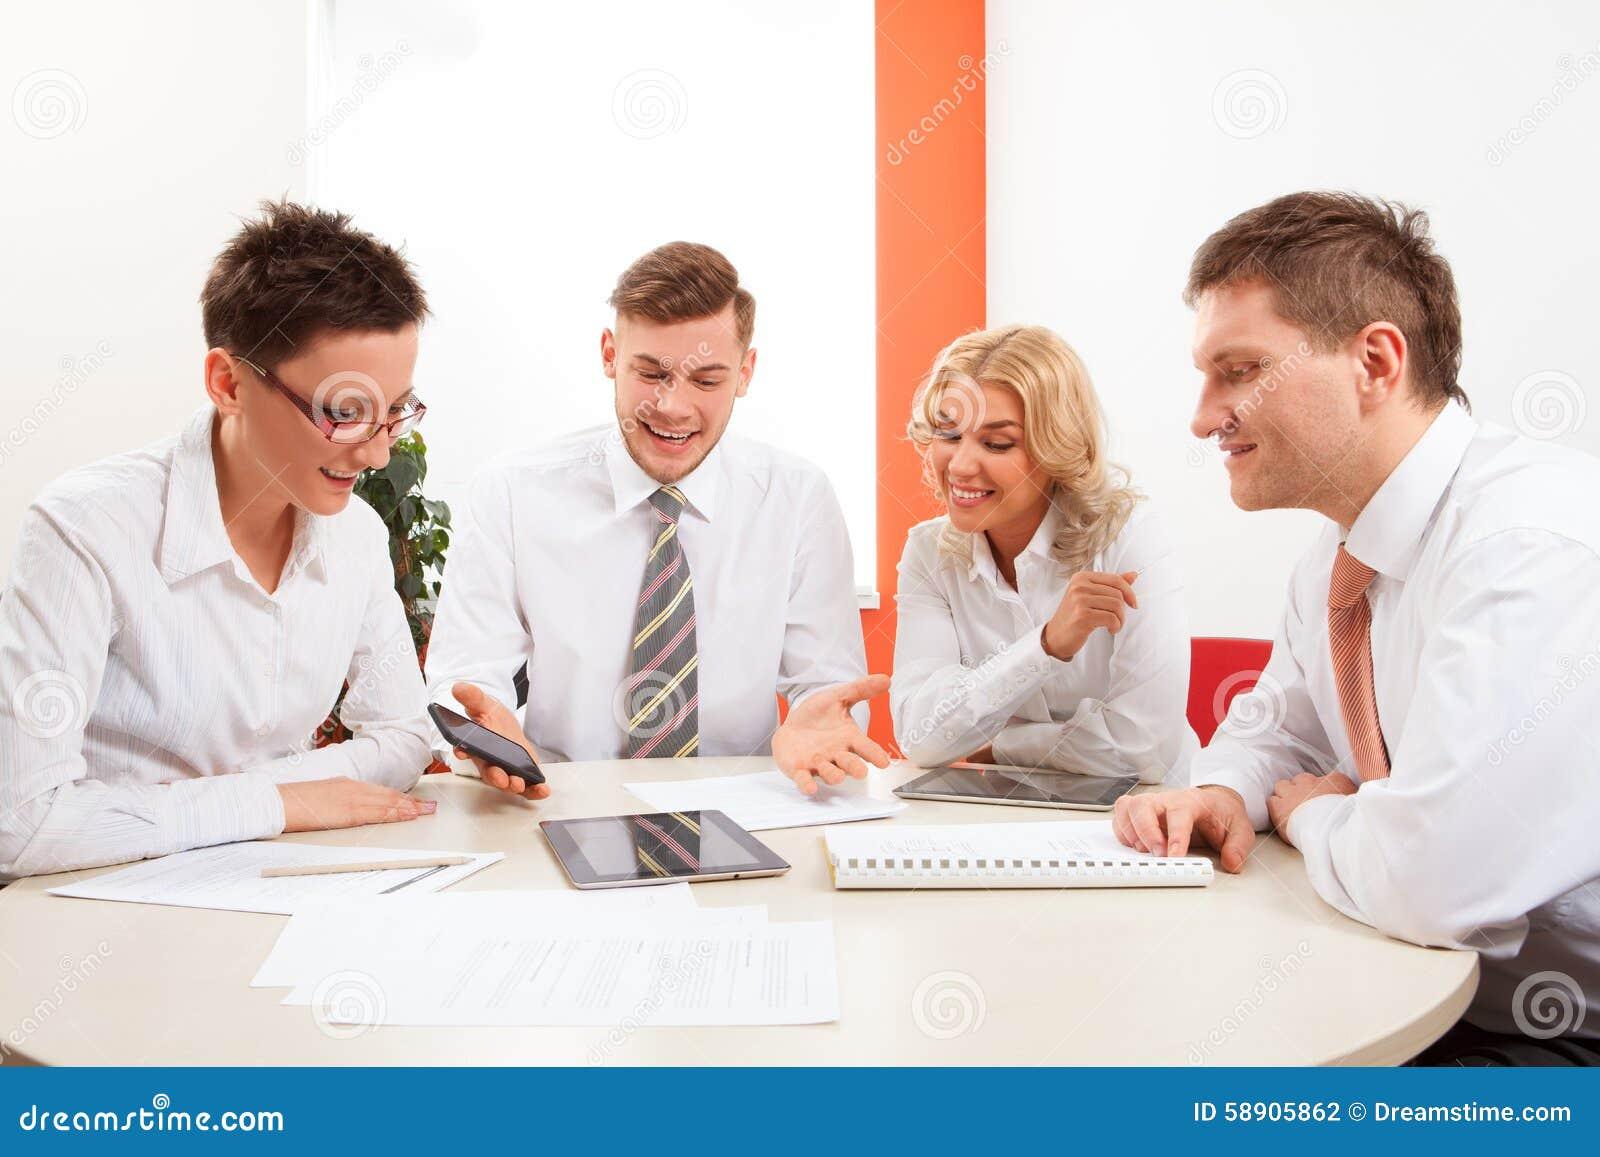 Tavolo Di Ufficio : Persone di affari che lavorano insieme al tavolo di riunione in